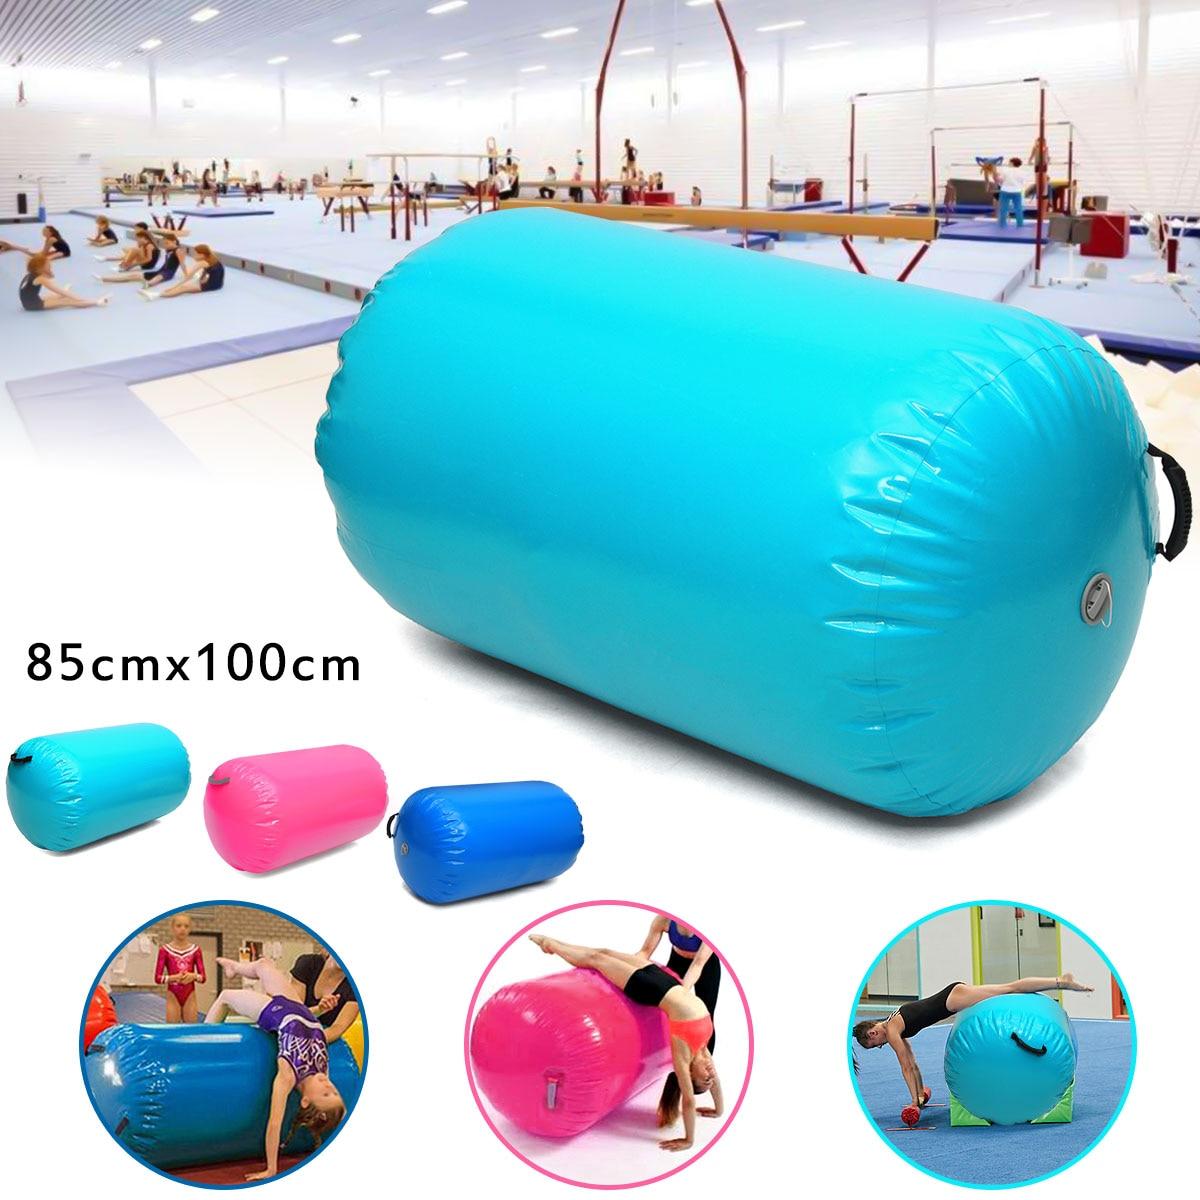 85x100 CM Gofun gonflable personnalisé PVC rond Sport gymnastique Gym Air tapis plancher maison GYM exercice gonflable Air culbuteur tapis faisceau